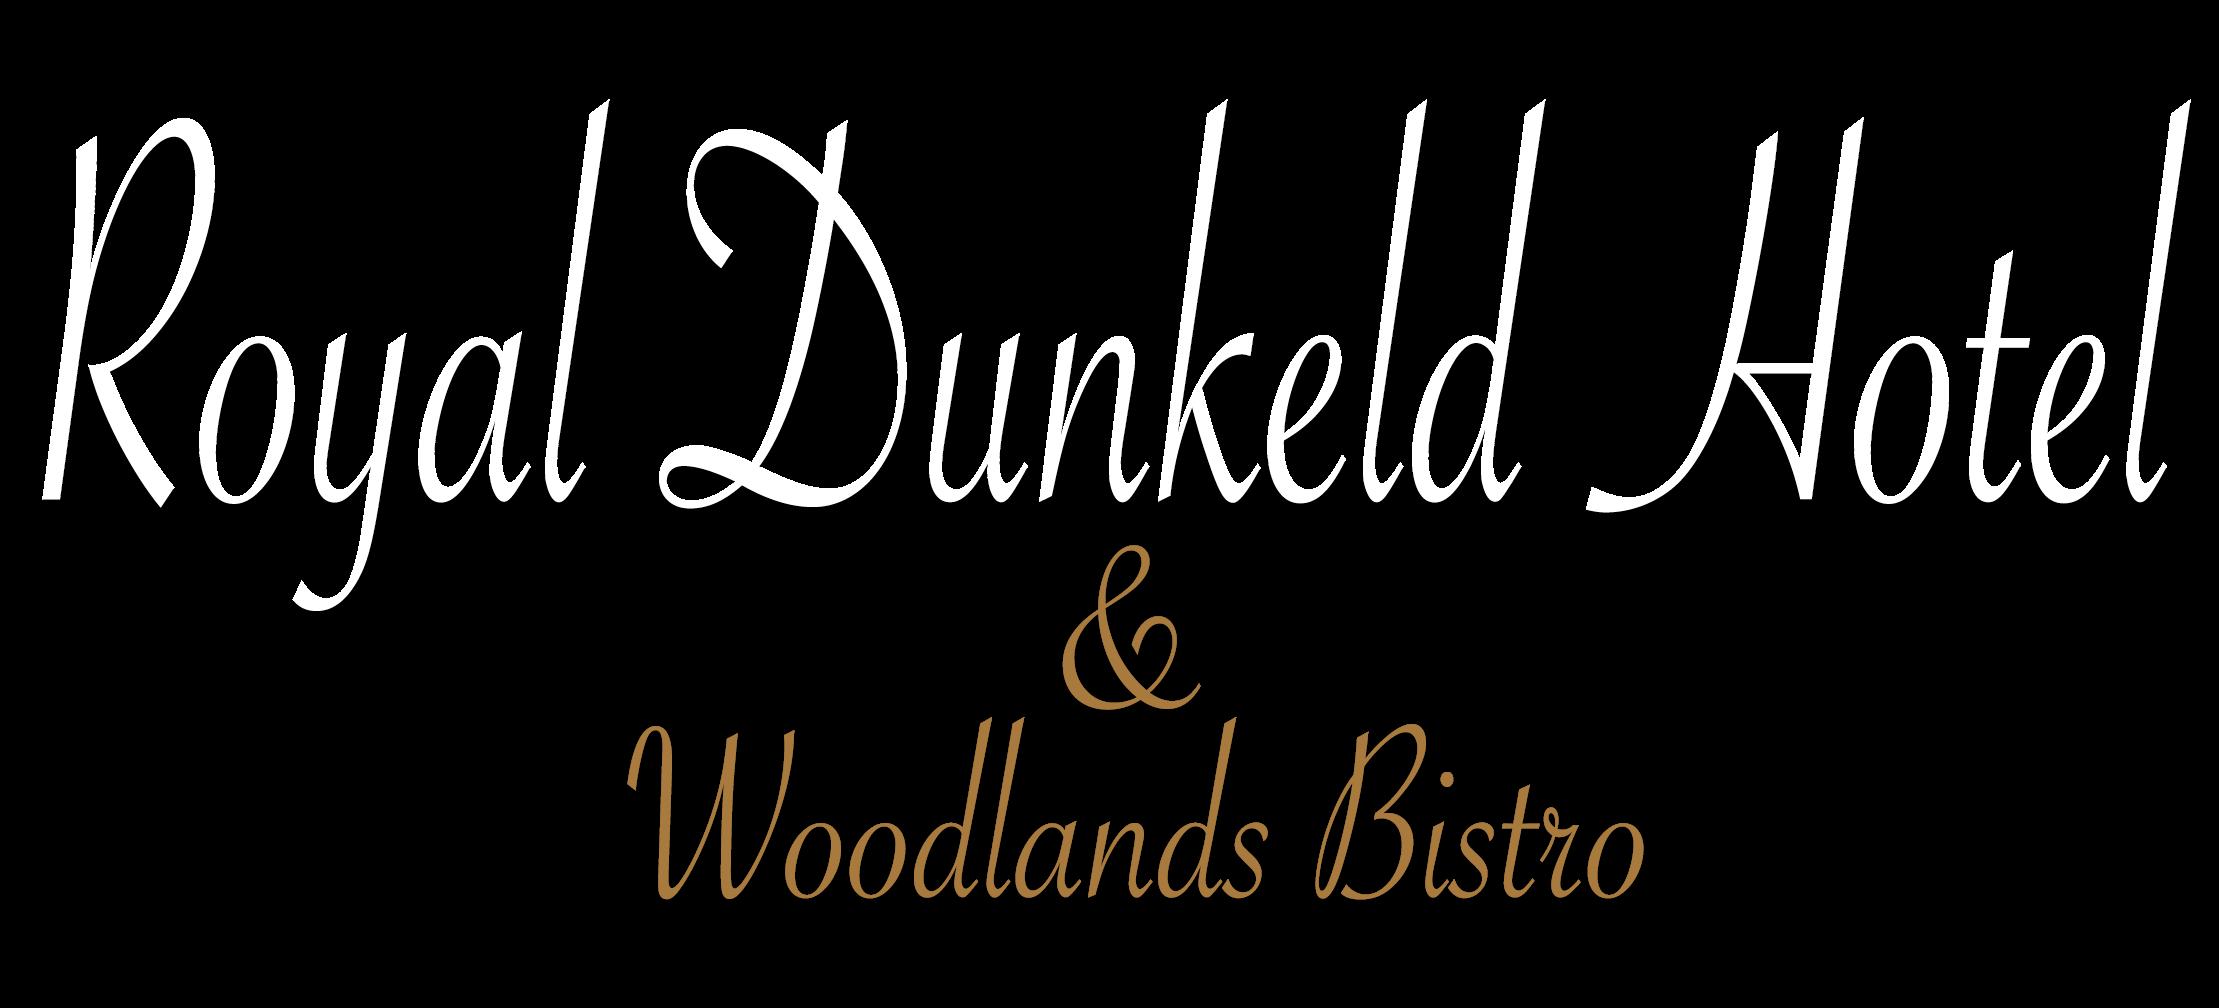 Royal Dunkeld Hotel & Woodlands Bistro